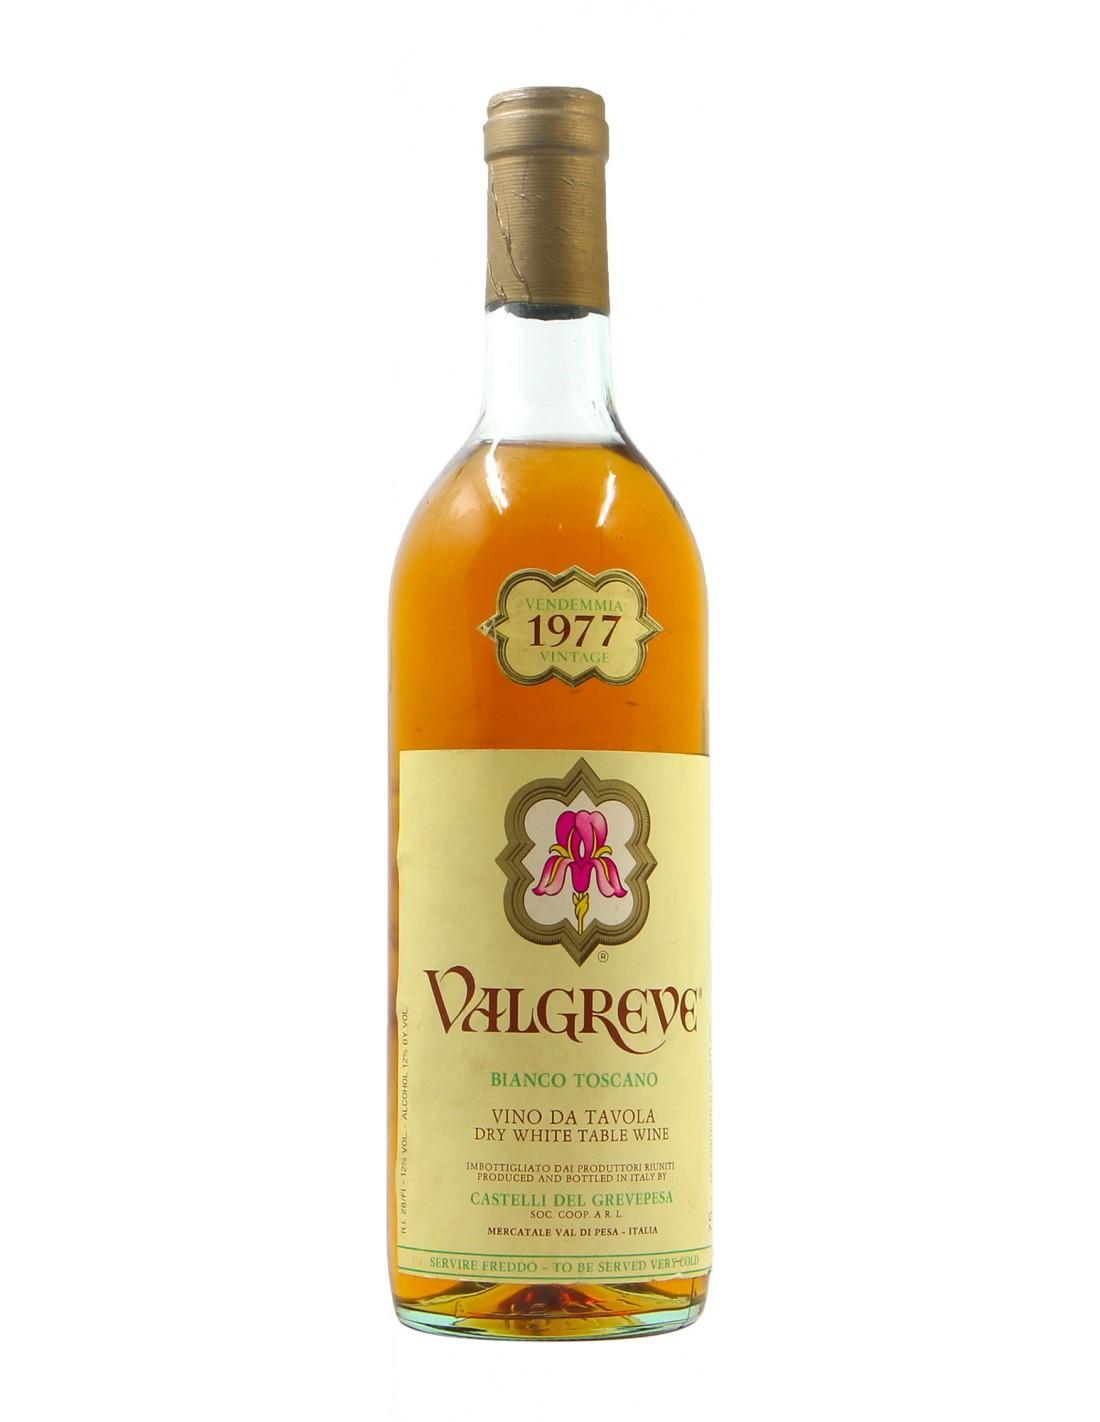 BIANCO TOSCANO VALGREVE 1977 CASTELLI DEL GREVEPESA Grandi Bottiglie